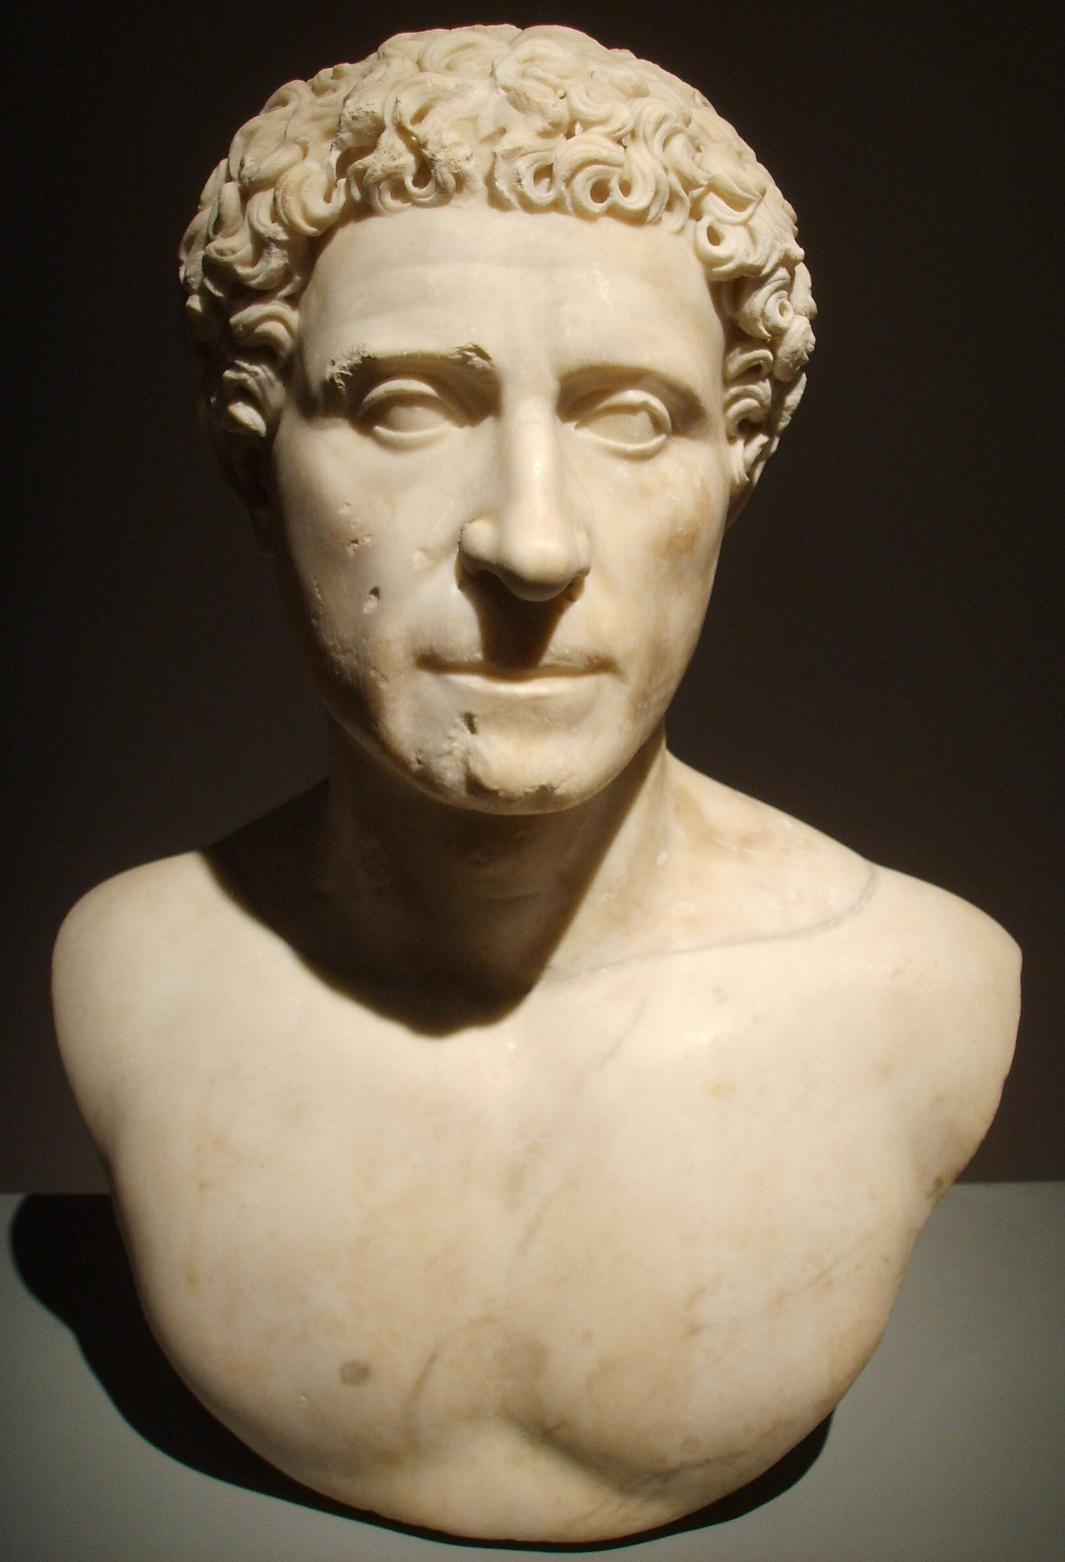 Cremona, museo civico, busto di quinto labieno partico, primi decenni del ii secolo d.c. 01.JPG